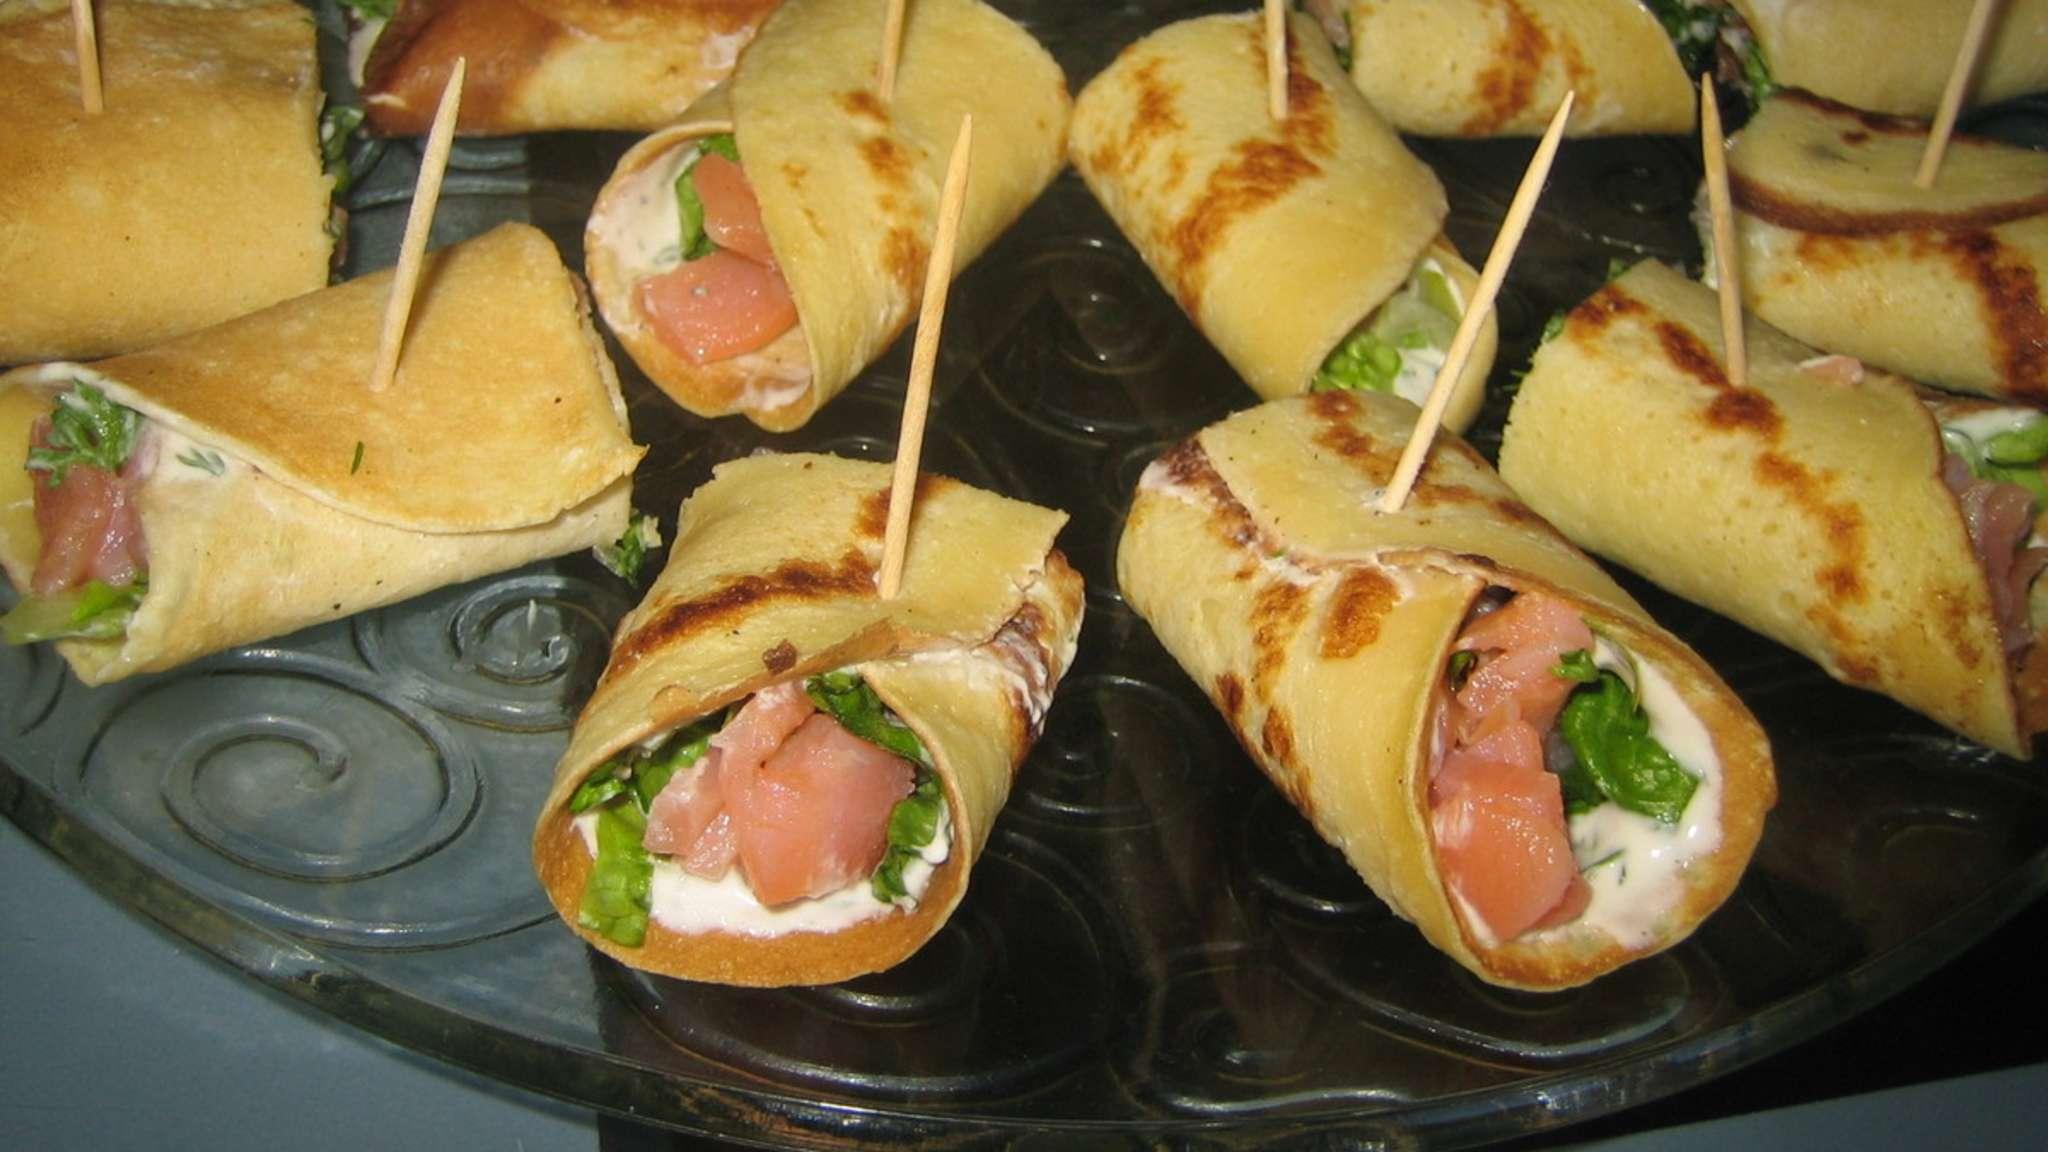 Crêpes farcies au saumon fumé, crudités et fromage blanc